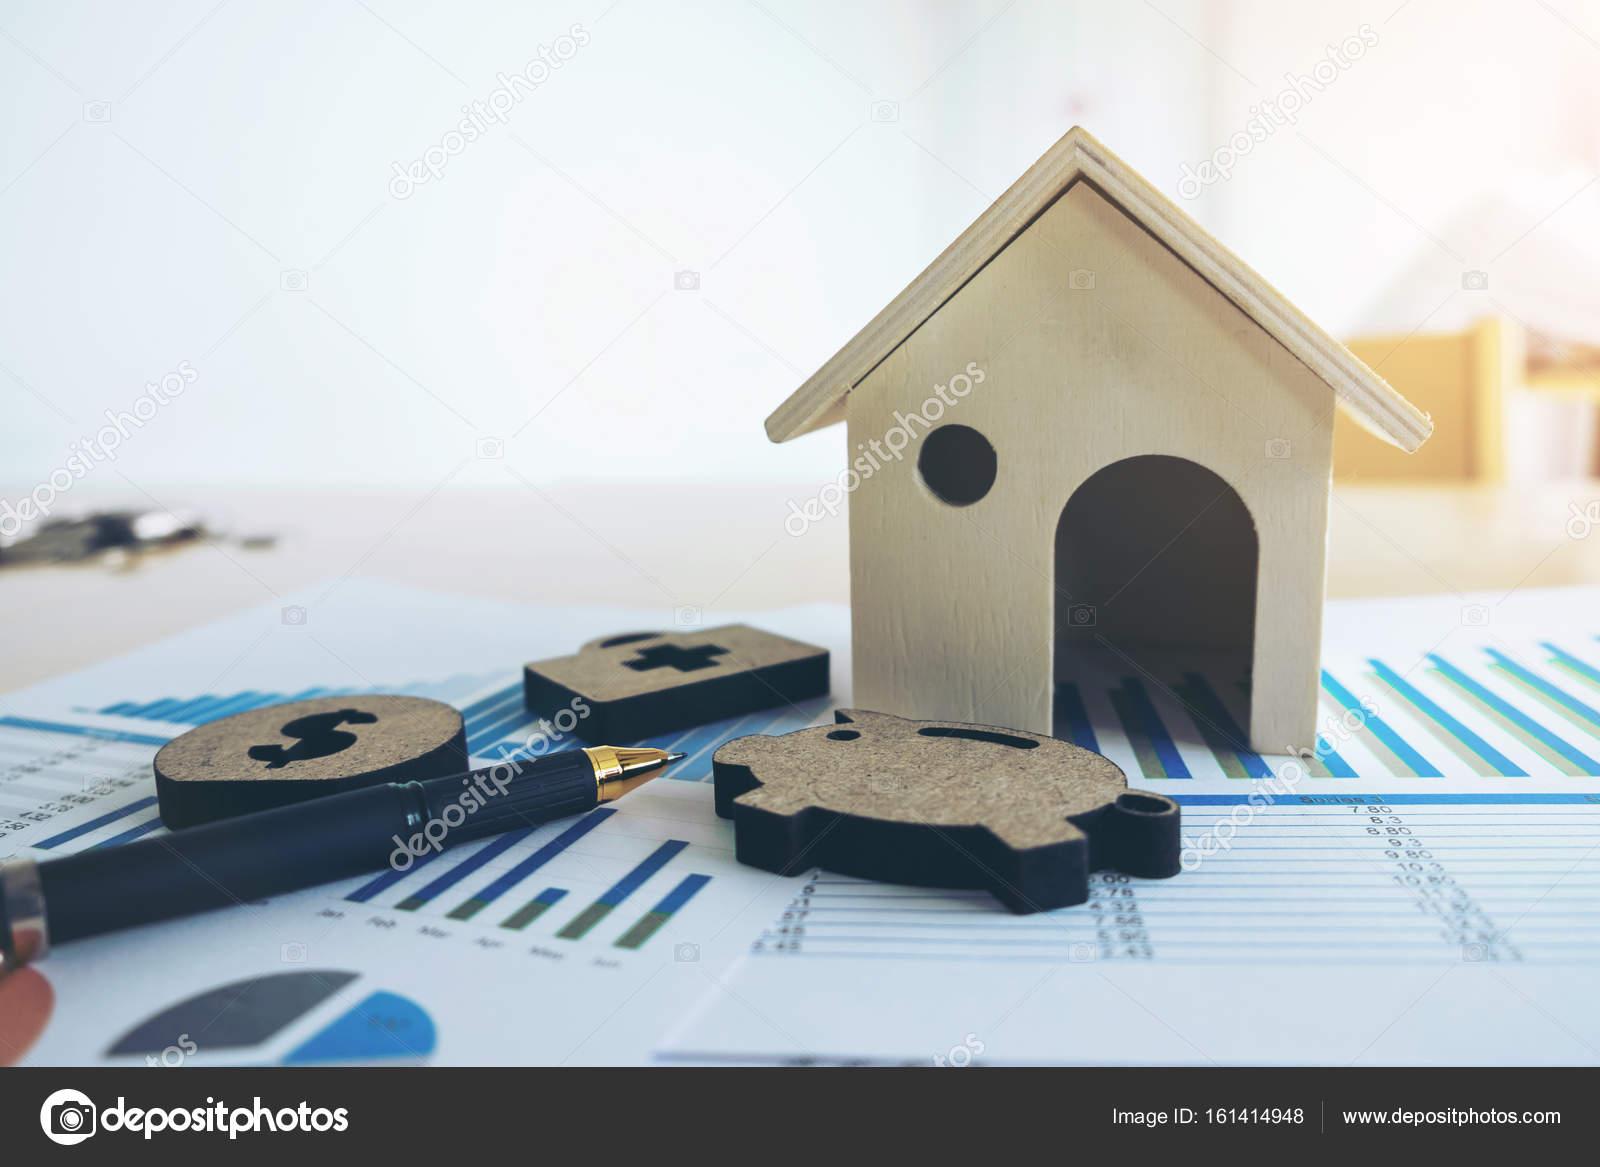 Schön Conhouse Foto Von Foglio Di Calcolo Stock Finanziari Bancari Con